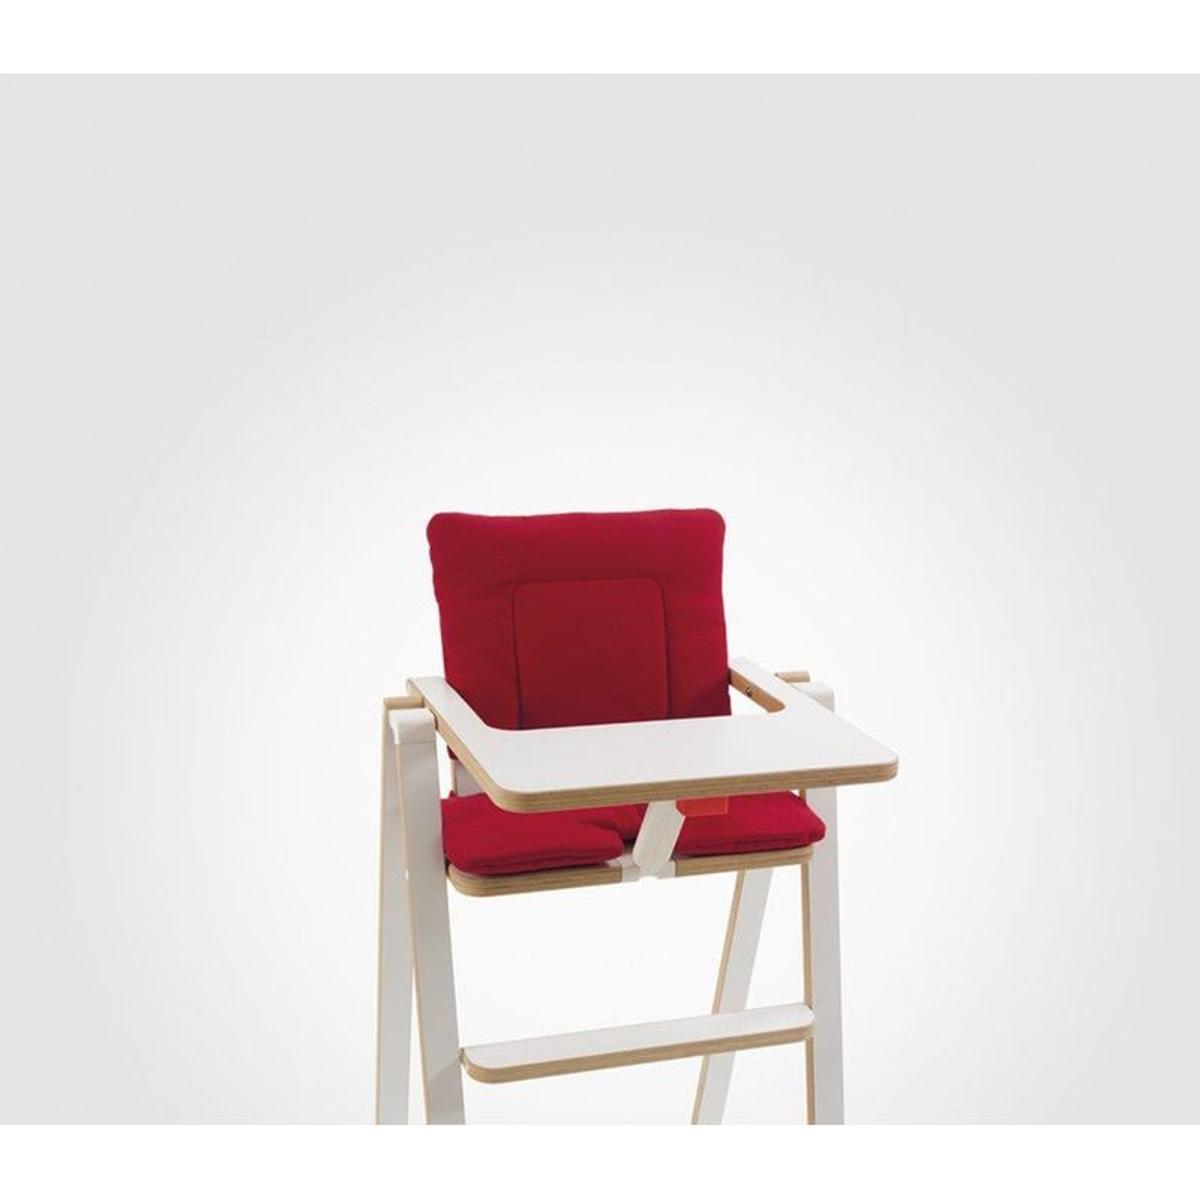 Coussin réducteur chaise haute Supaflat Signature Red